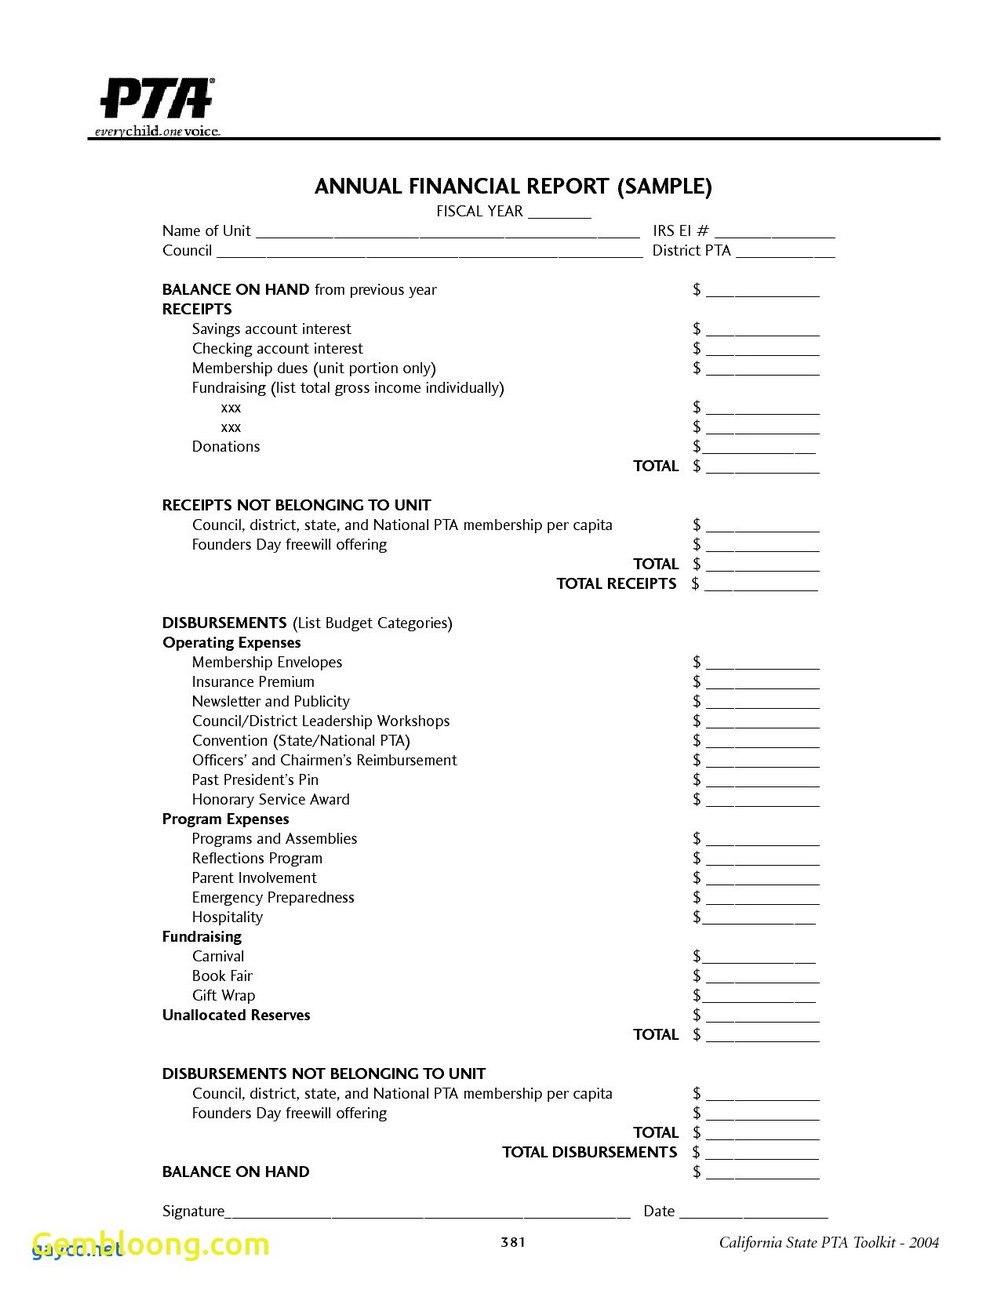 Template Ideas Treasurer Report Non Profit Impressive Free Intended For Treasurer Report Template Non Profit